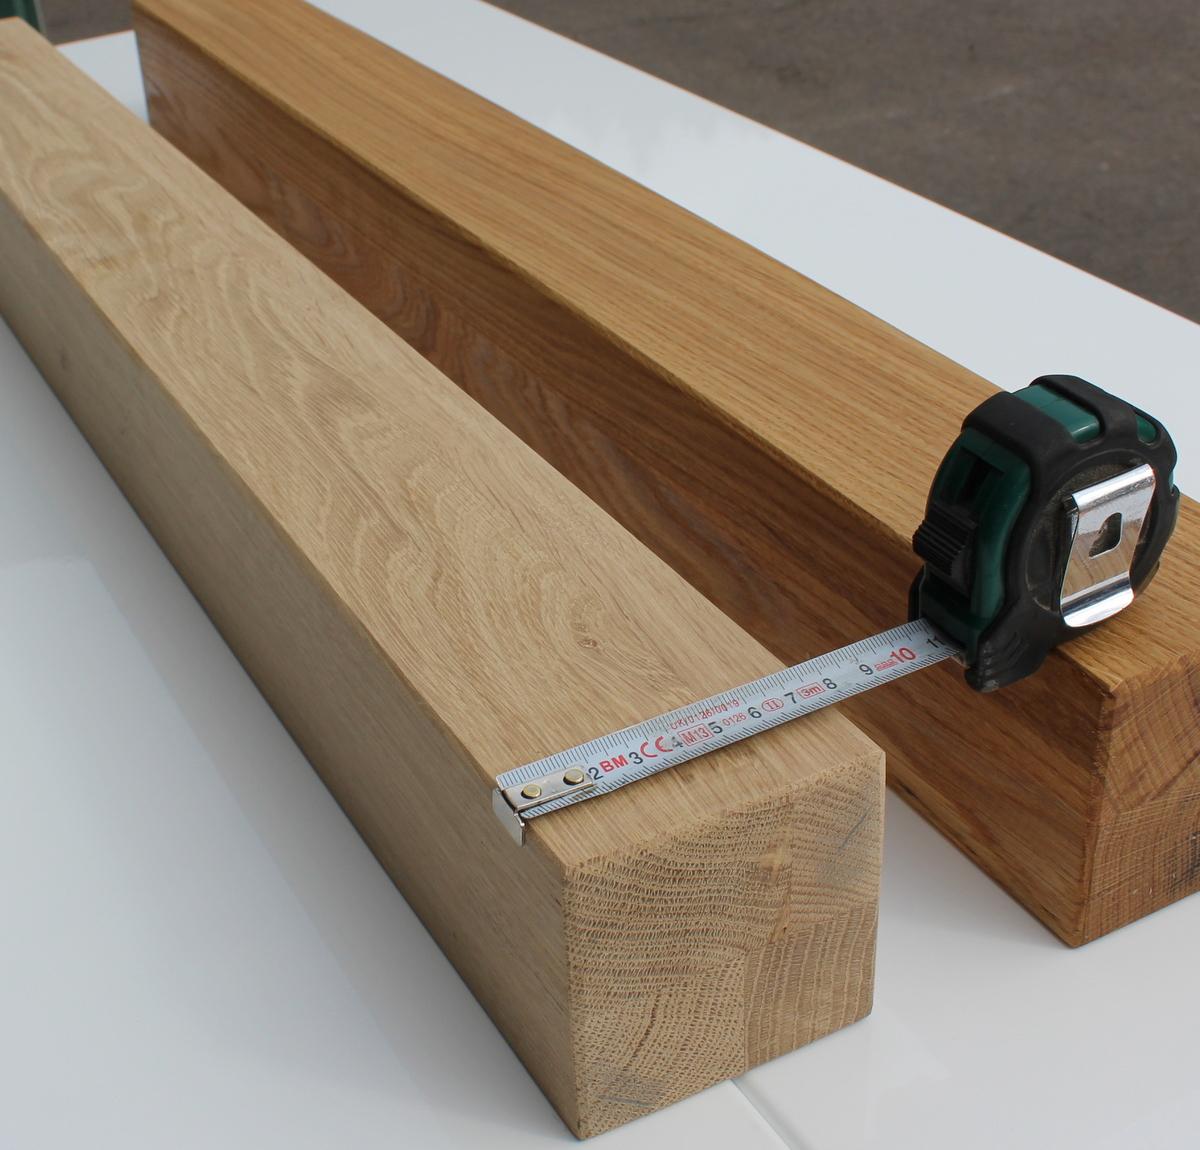 eiche tischbein kantholz massiv vierkantbeine m belfu 80x80mm holz ebay. Black Bedroom Furniture Sets. Home Design Ideas